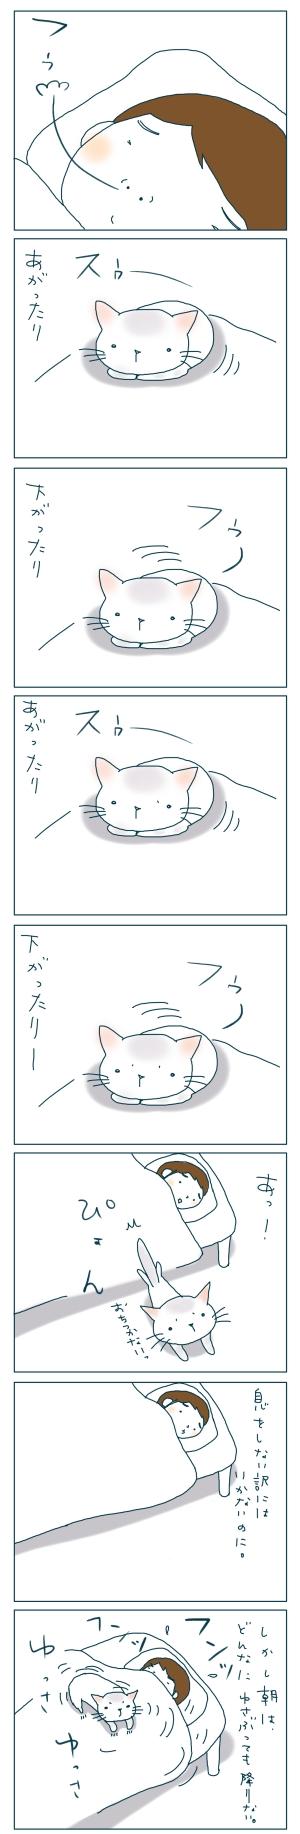 猫と一緒-20081130-02